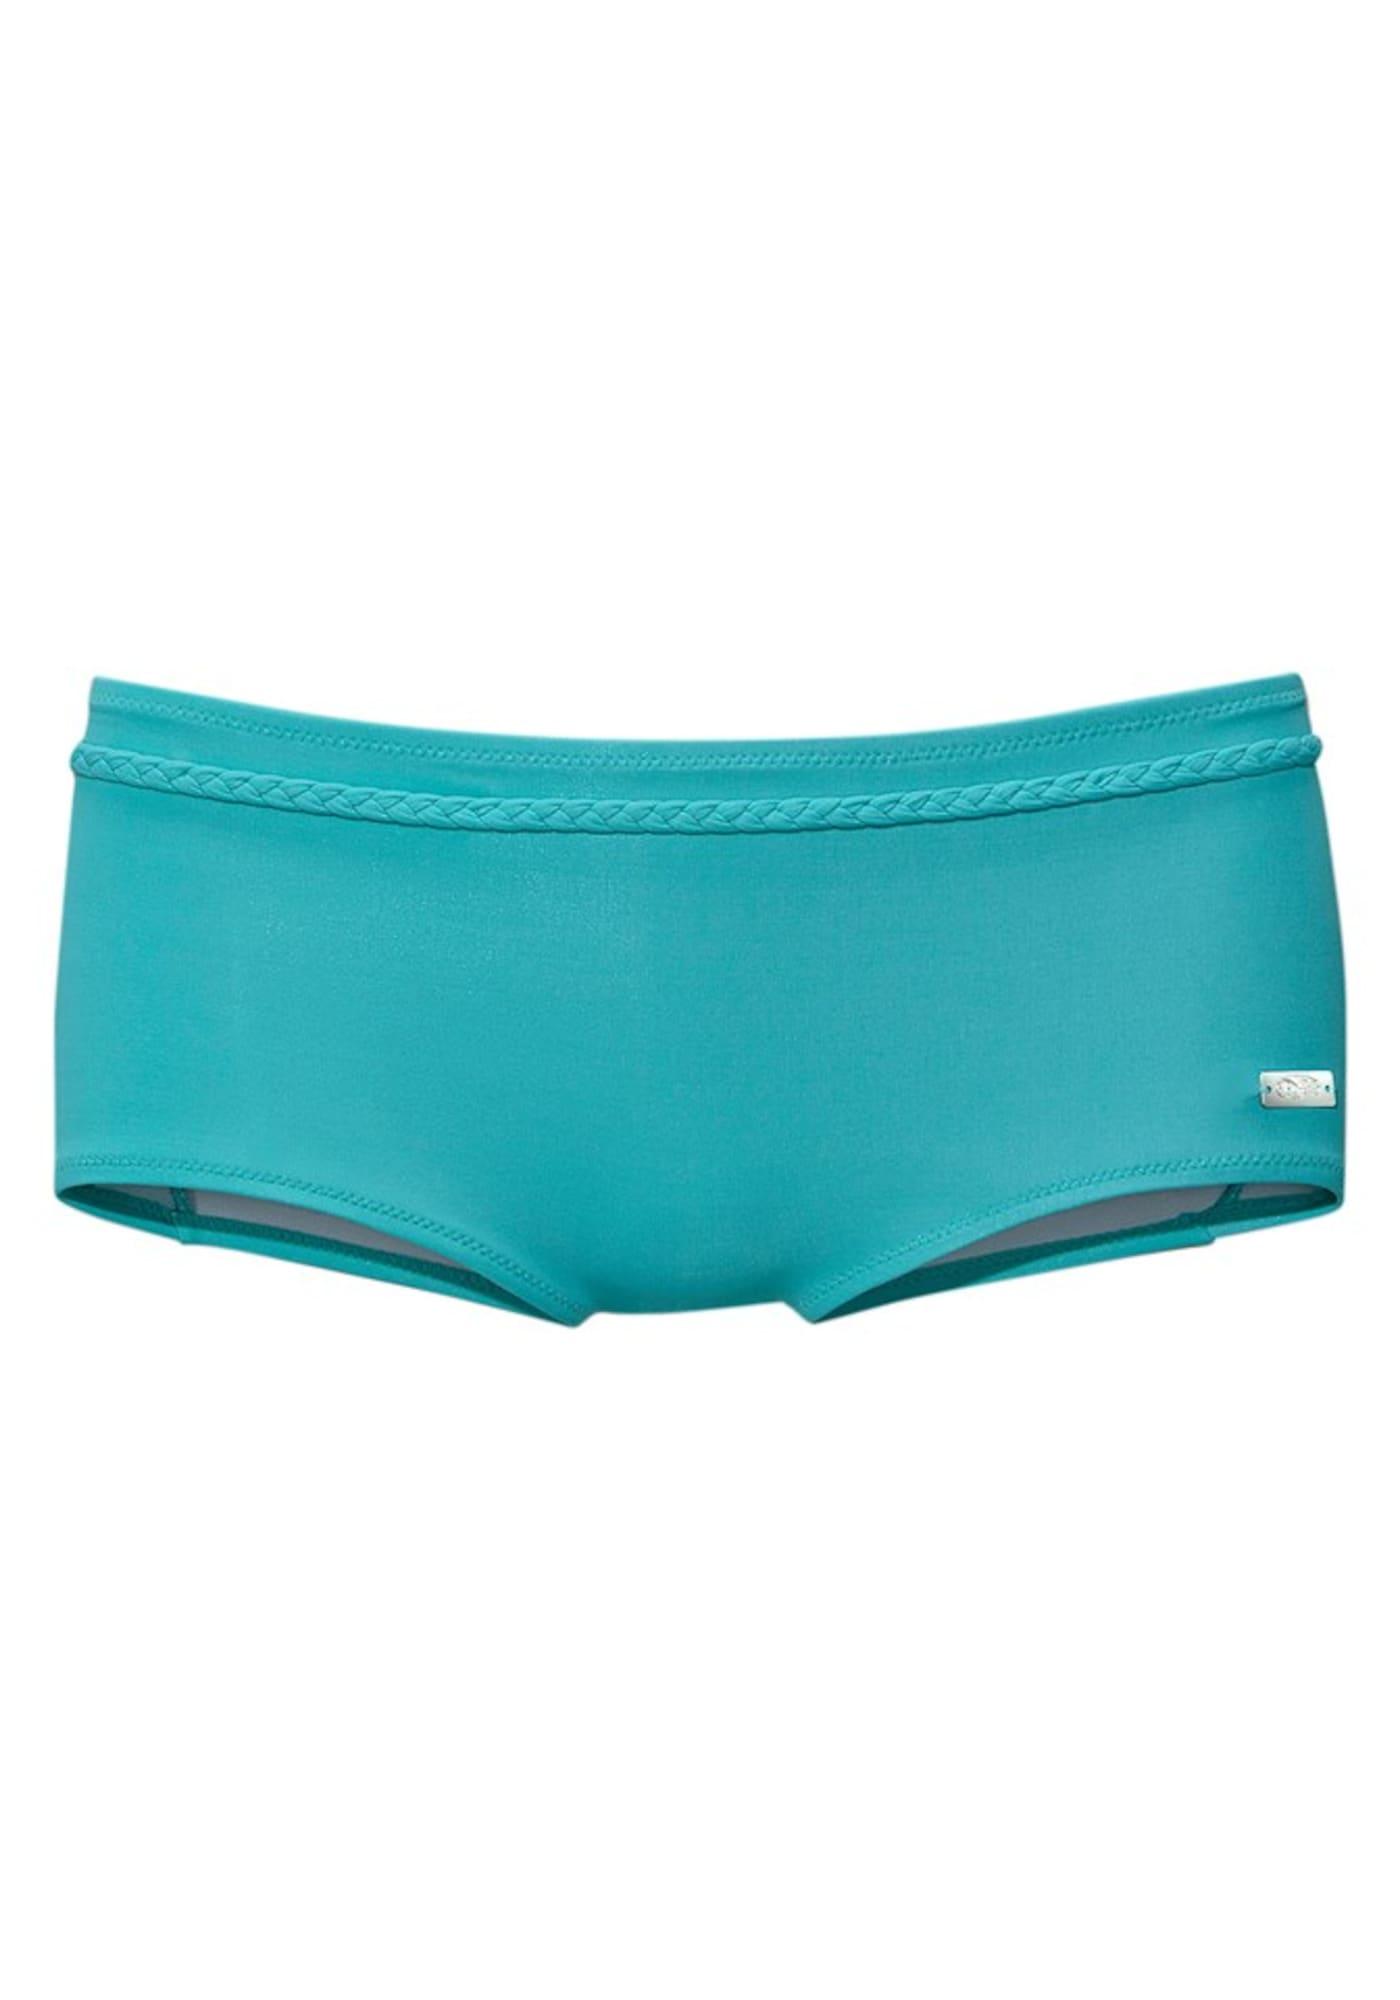 BUFFALO Bikinio kelnaitės vandens spalva